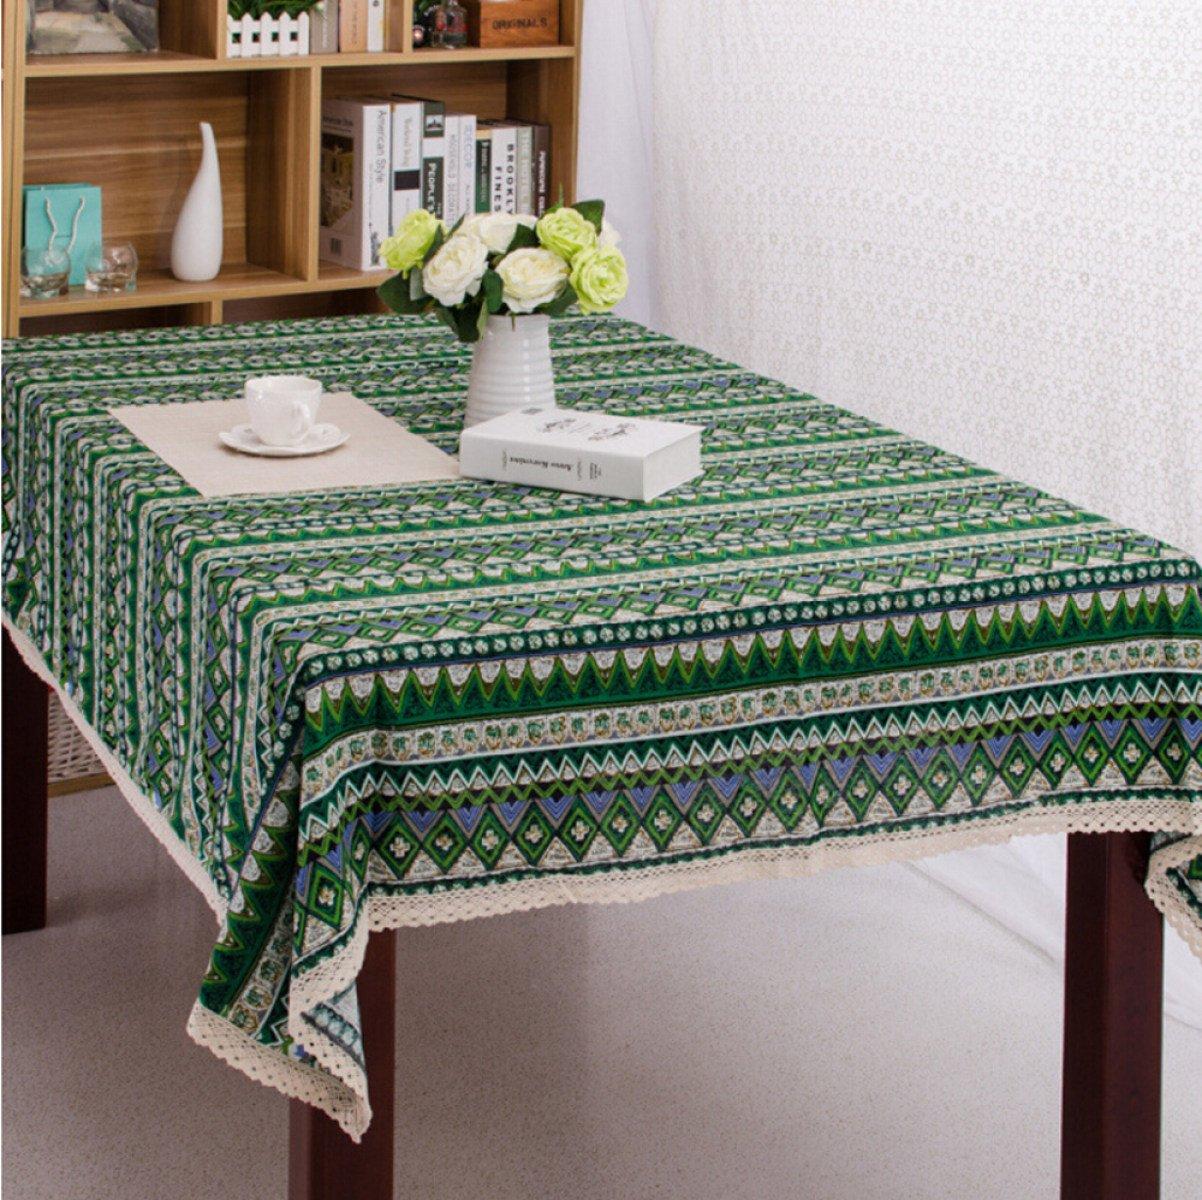 THUNFER Tischdecke Weihnachten Tischdecken Ethnische Wind Baumwolle Leinen Leinen Leinen Tischdecken Striped Restaurant Tischdecke Staubdicht,Green-55.1*70.9in ec37a5